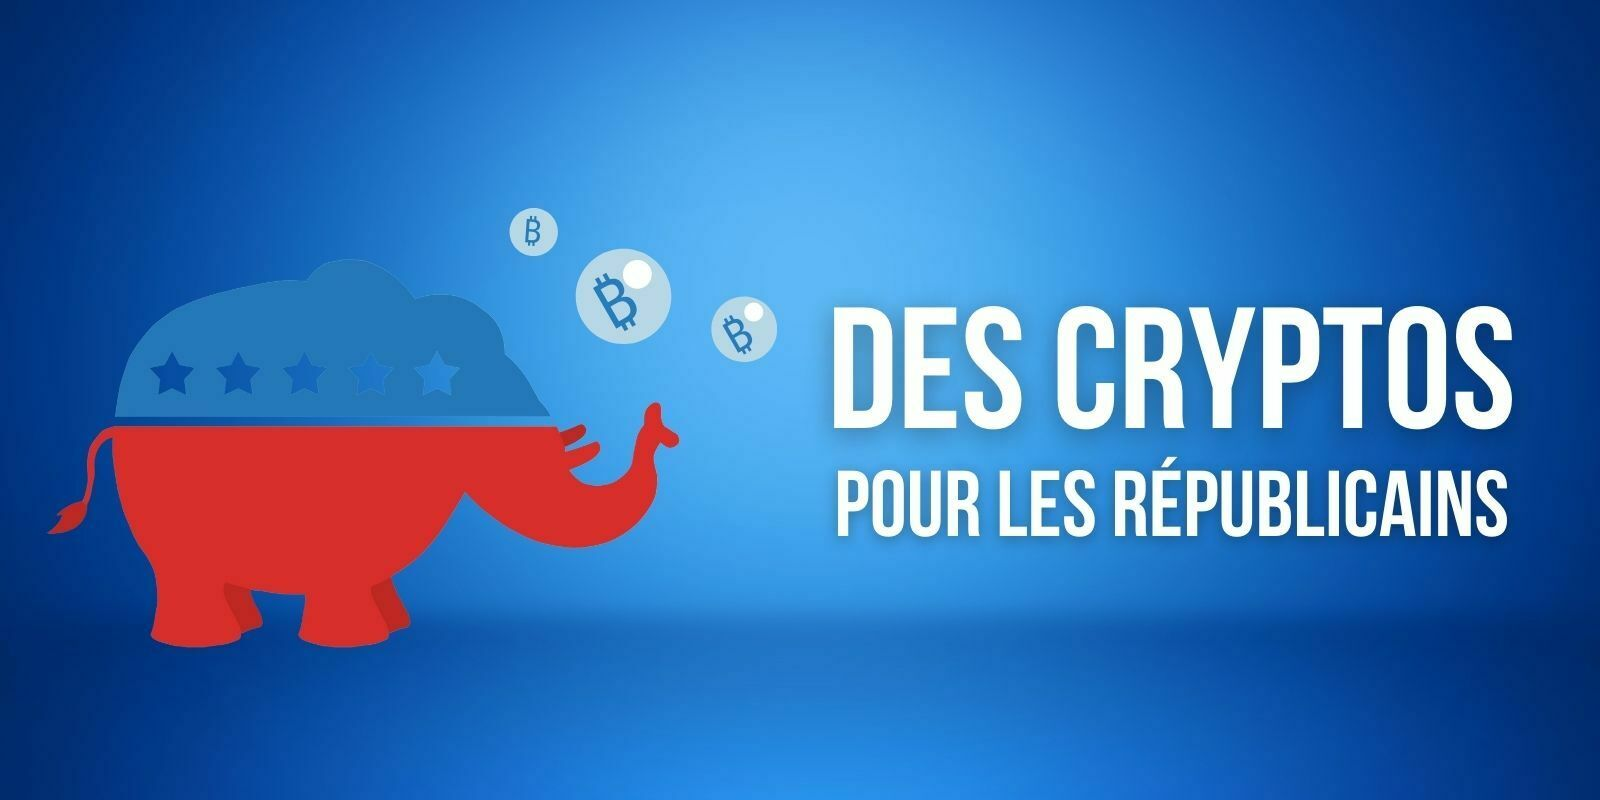 Le parti républicain américain accepte maintenant les dons en cryptomonnaies